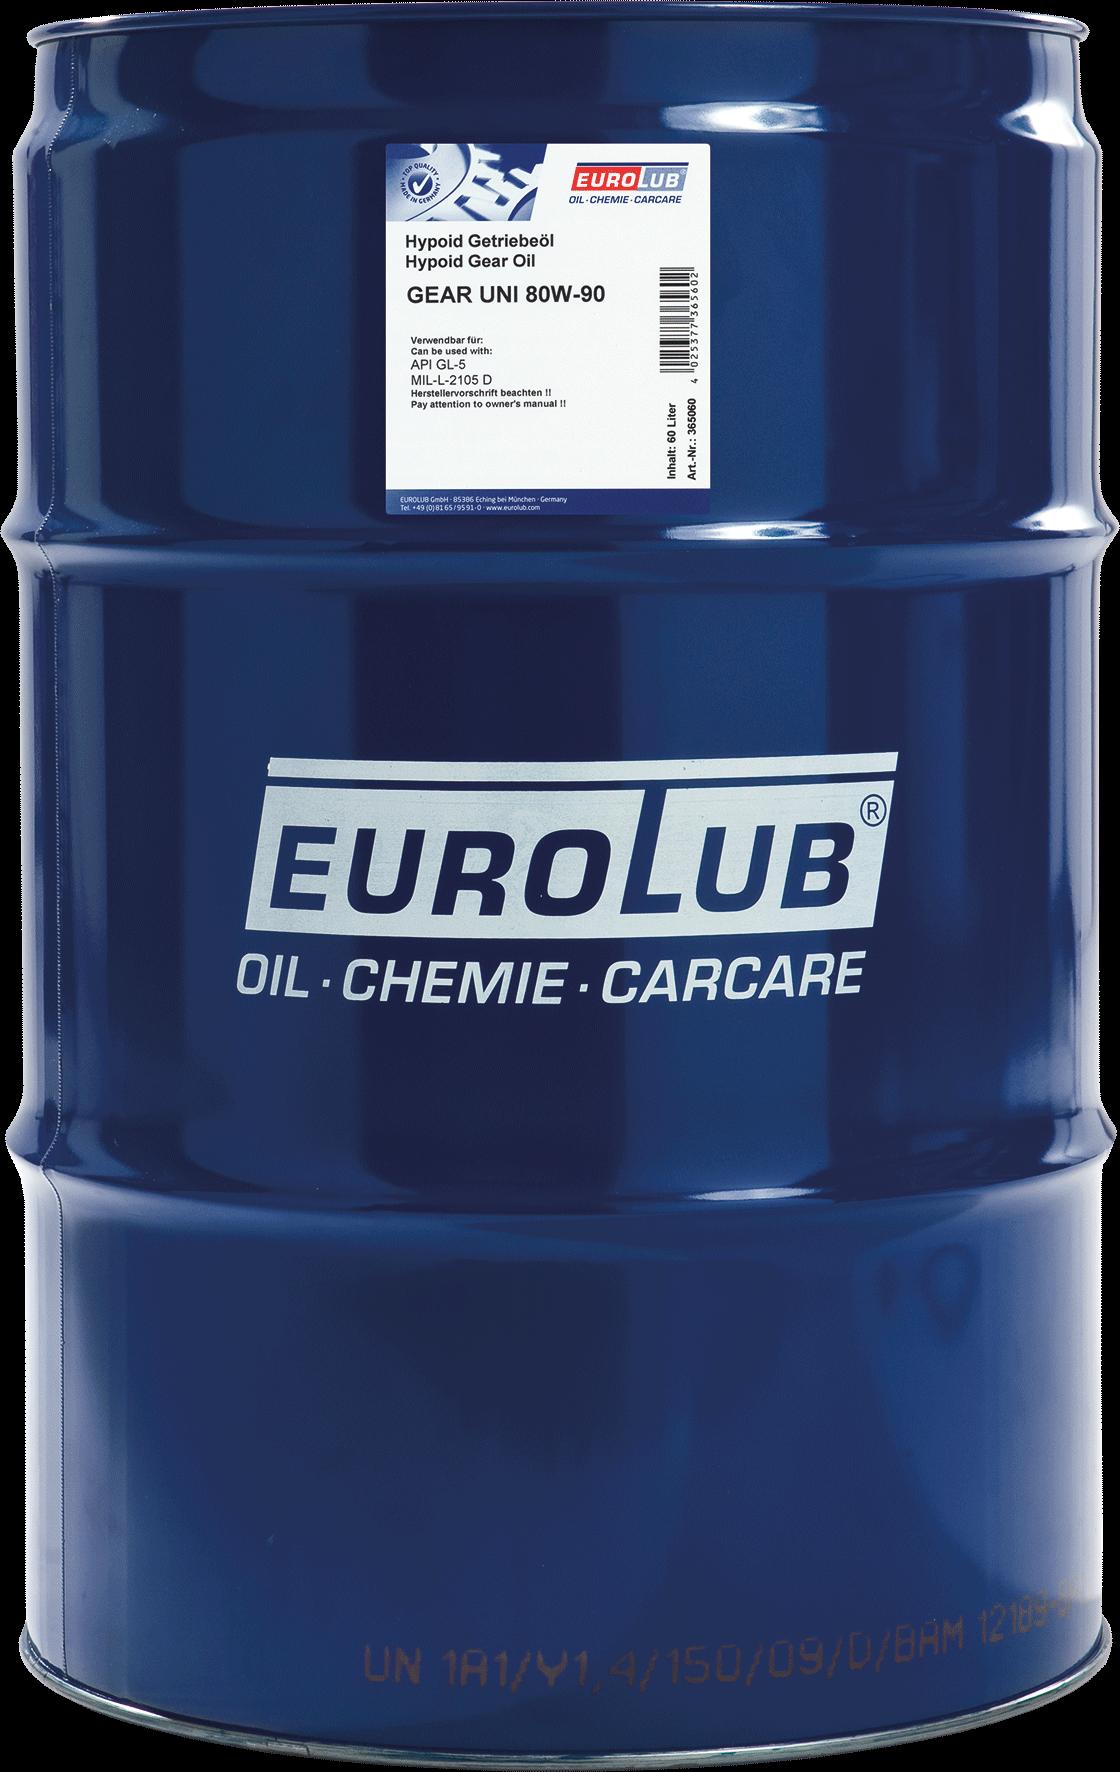 EUROLUB Gear Uni SAE 80W/90 (мінеральна олива)